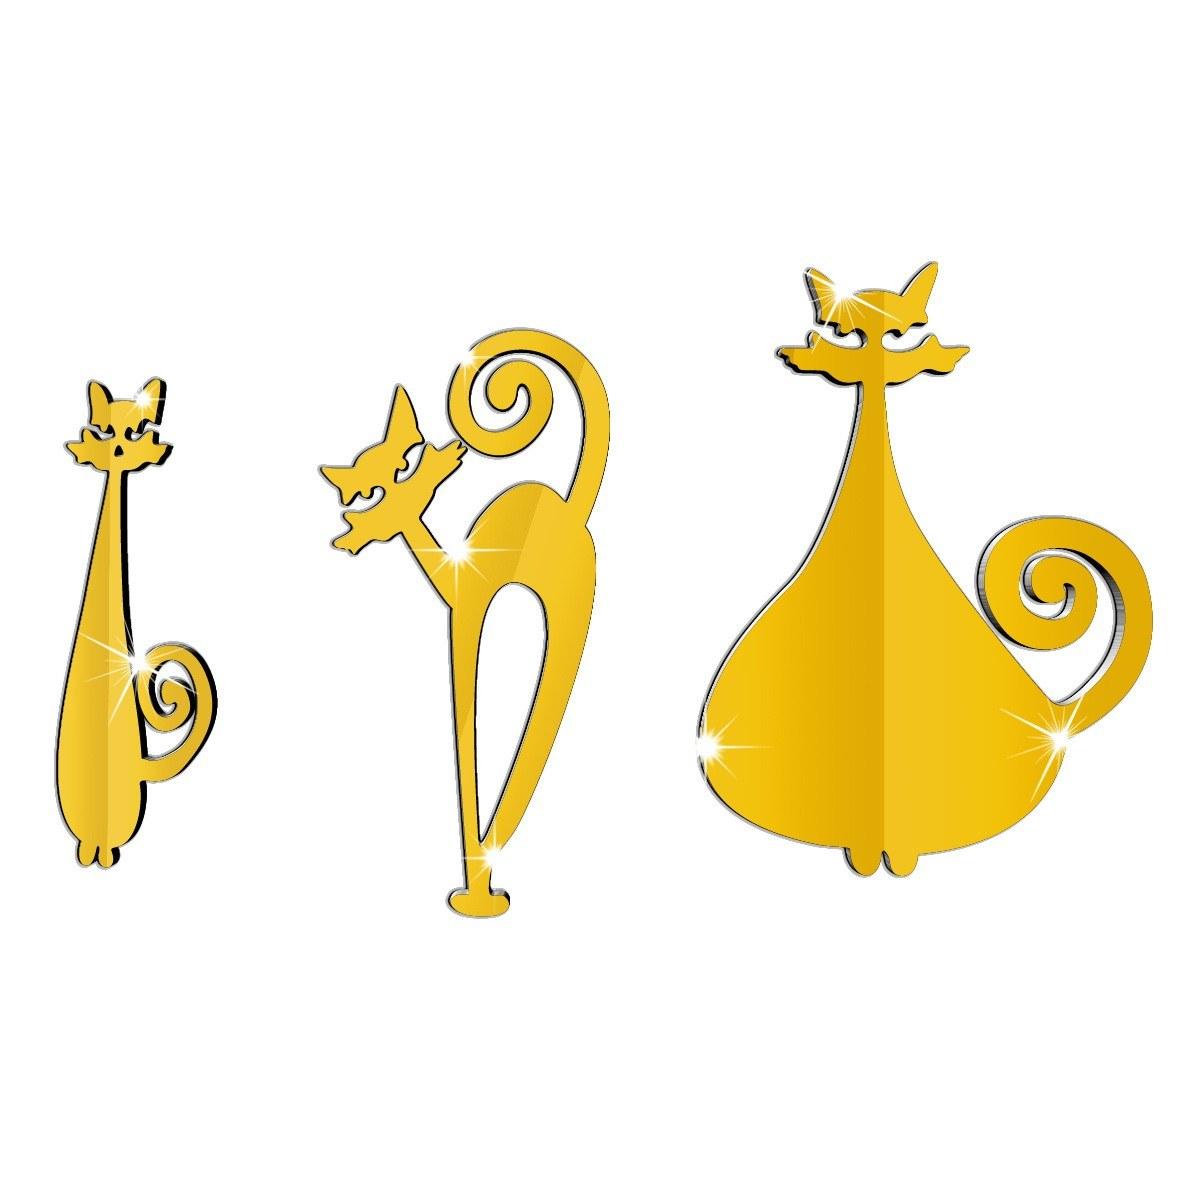 three cat mirror wall stickers DIY decorative stickers black Sales ...